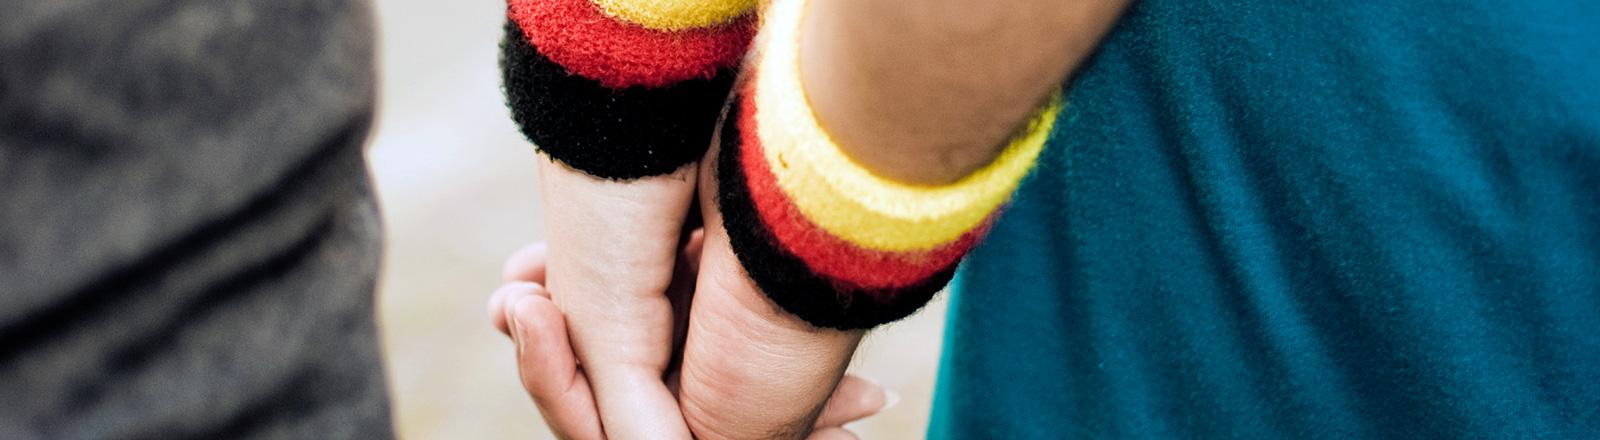 Händchenhalten mit Deutschland-Armband